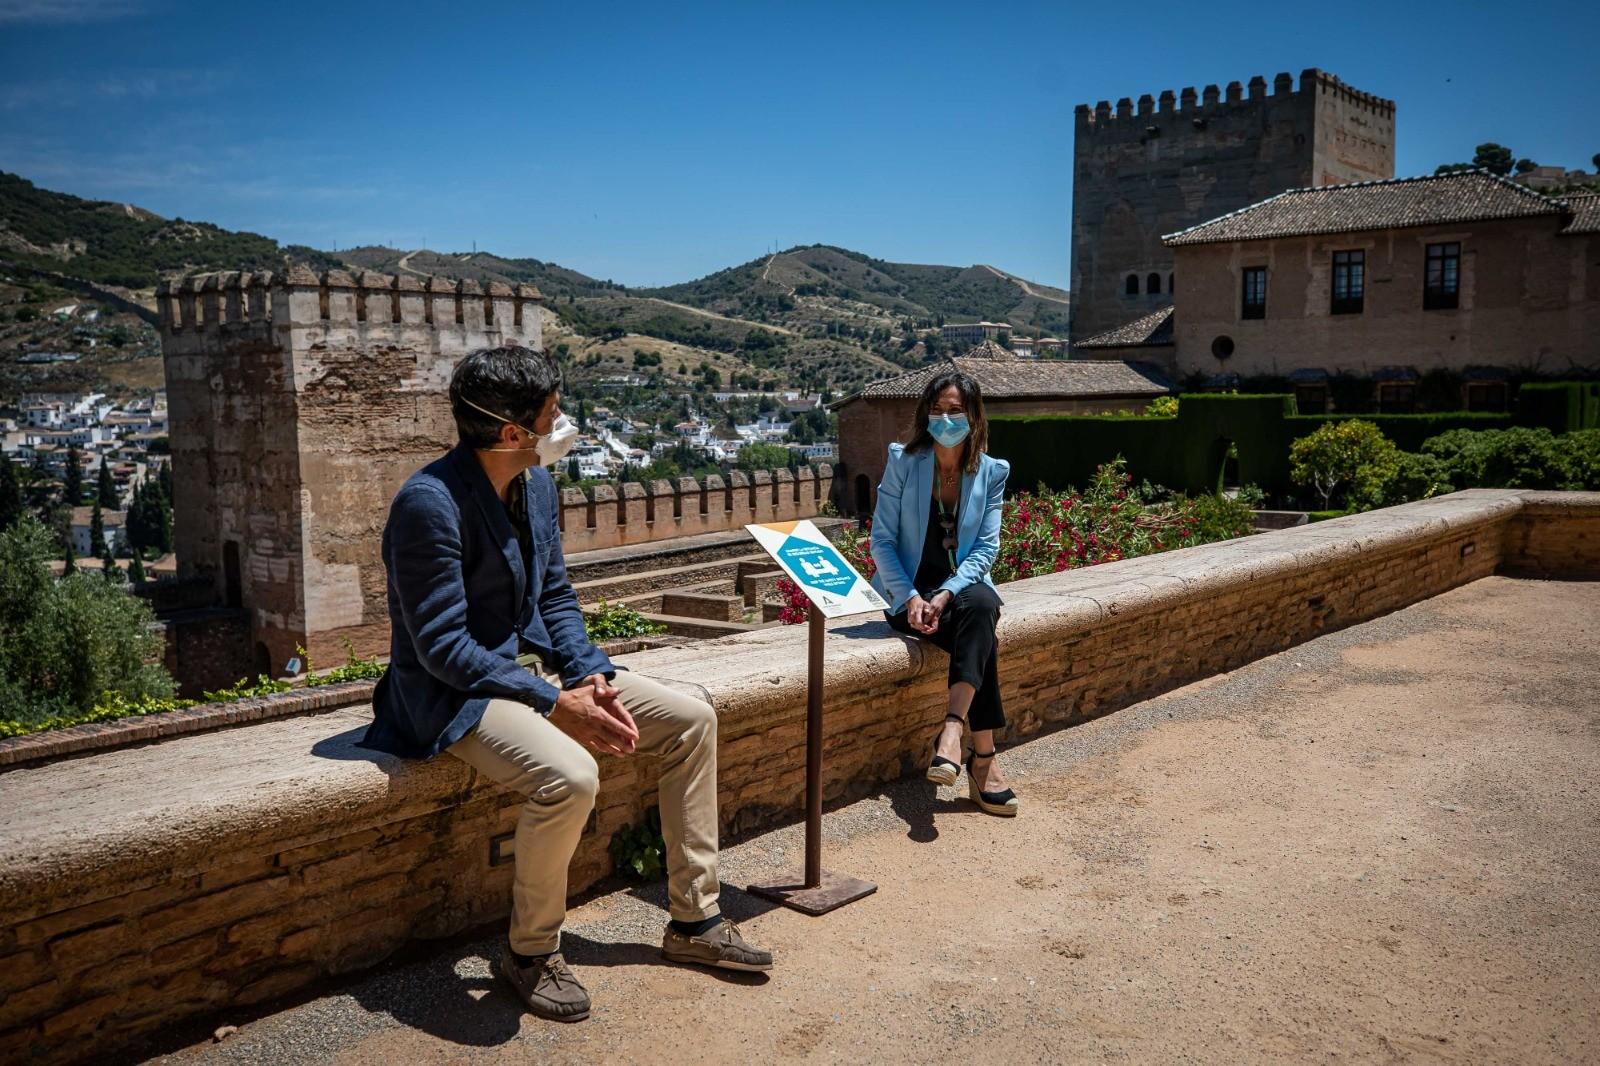 La Alhambra realiza una veintena de actuaciones durante su cierre al público